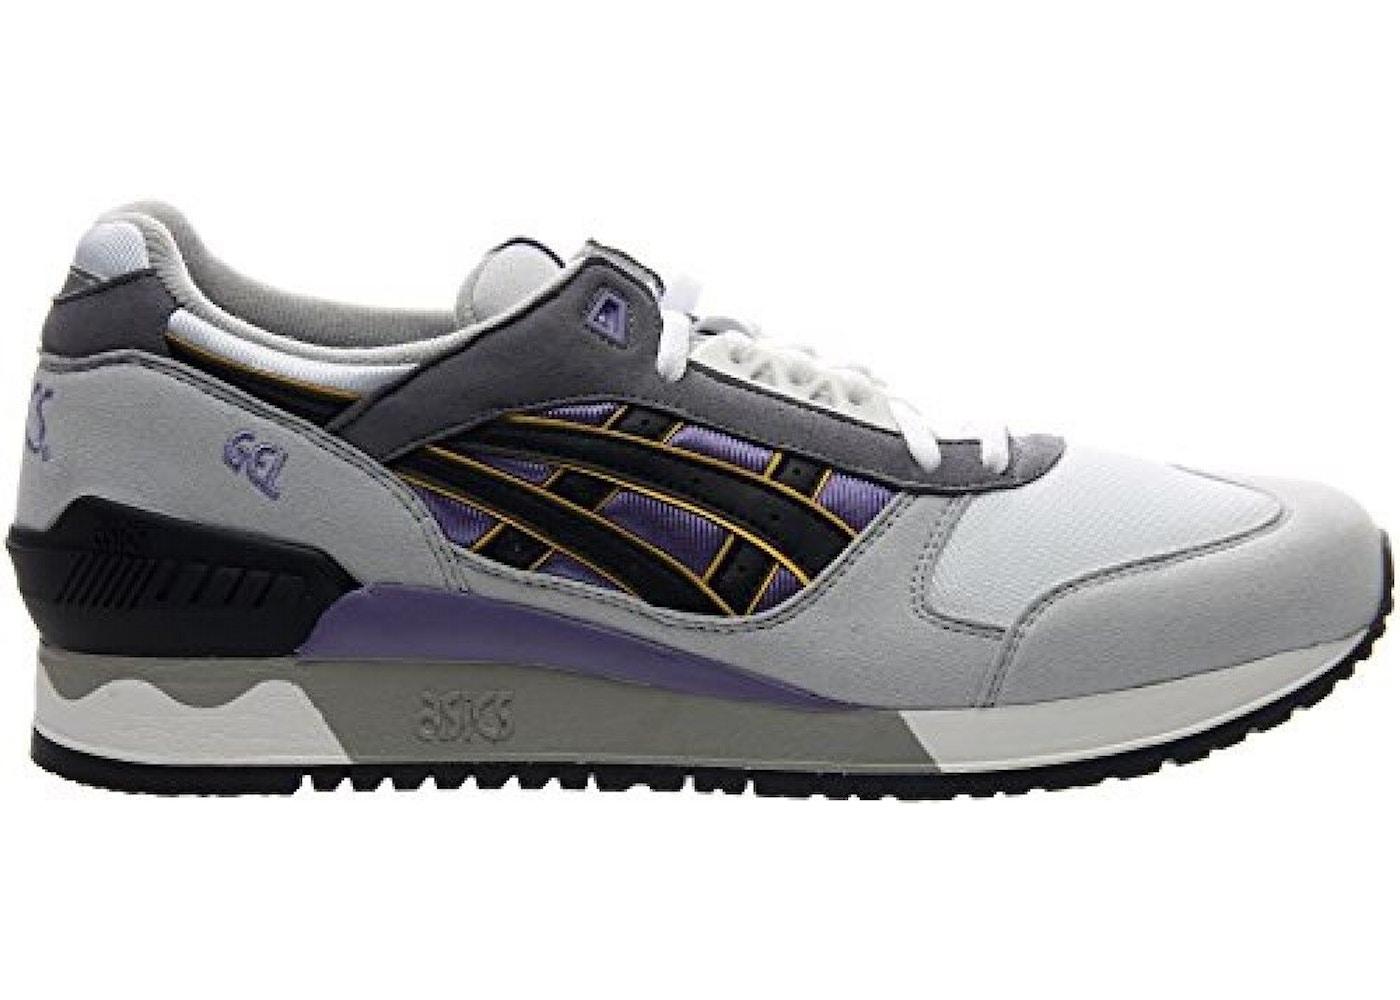 revendeur e185b 51d9e ASICS Gel-Respector Aster Purple